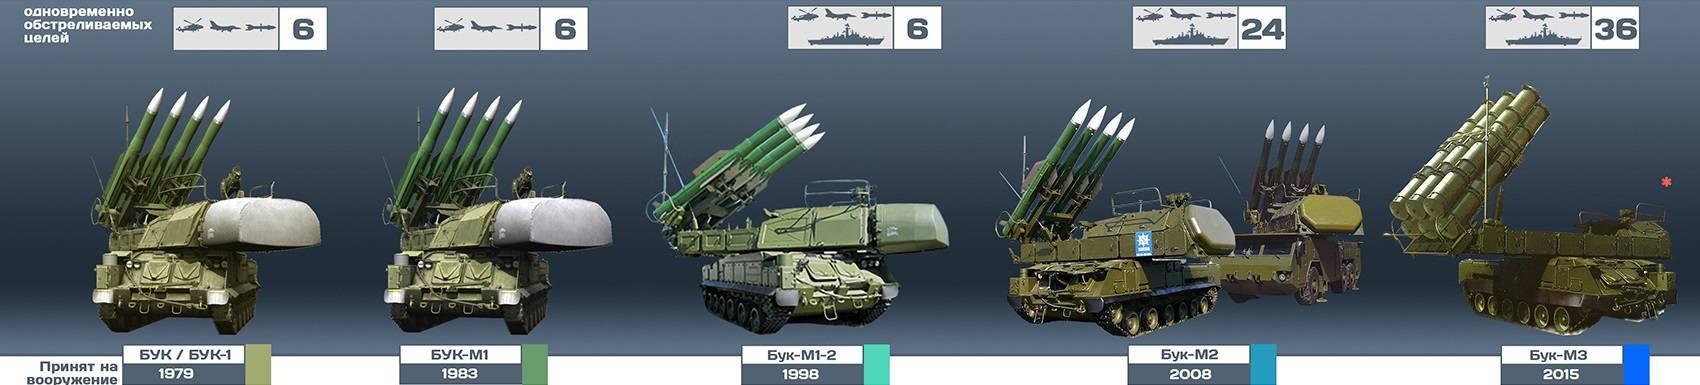 """Многофункциональный высокомобильный зенитный ракетный комплекс средней дальности 9к317 """"бук-м2"""""""